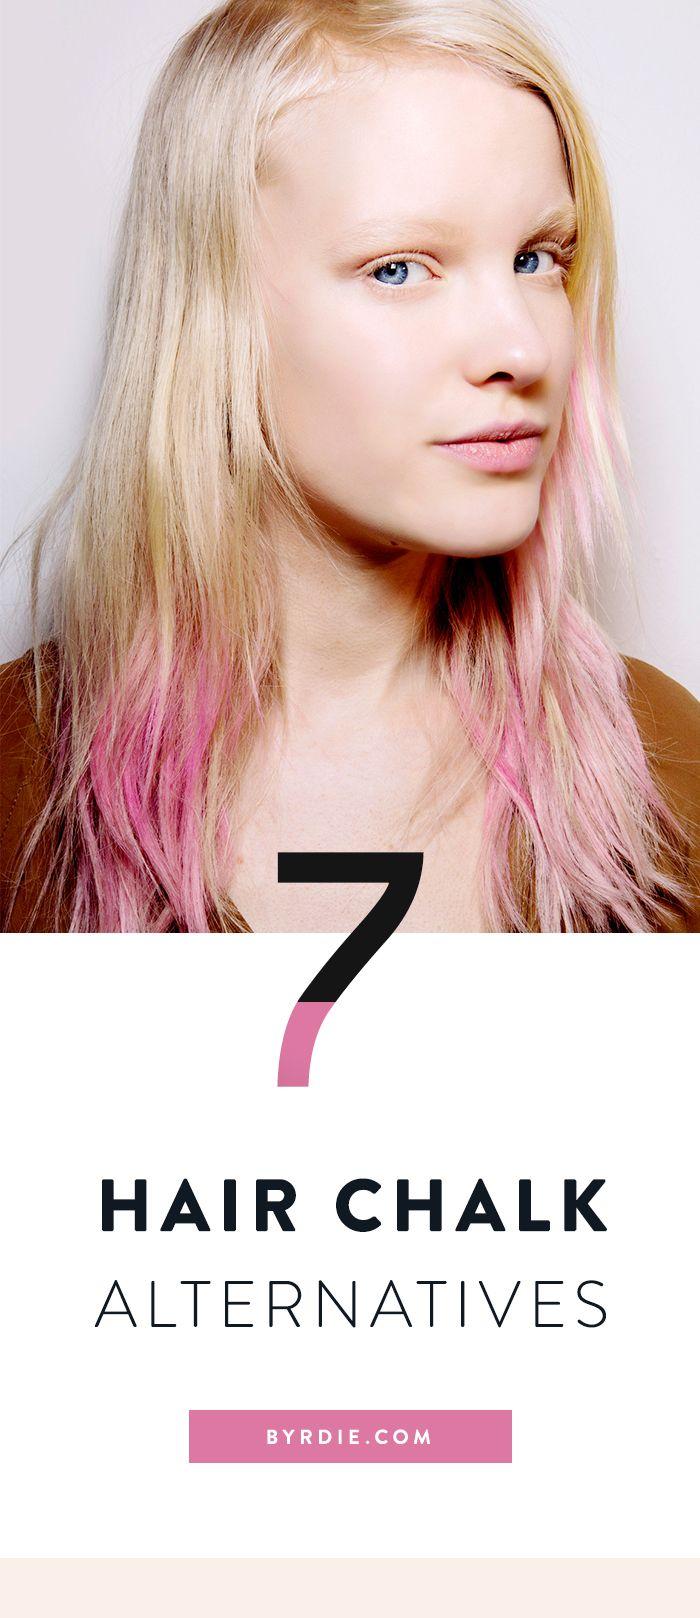 7 of the best hair chalk alternatives for festival season